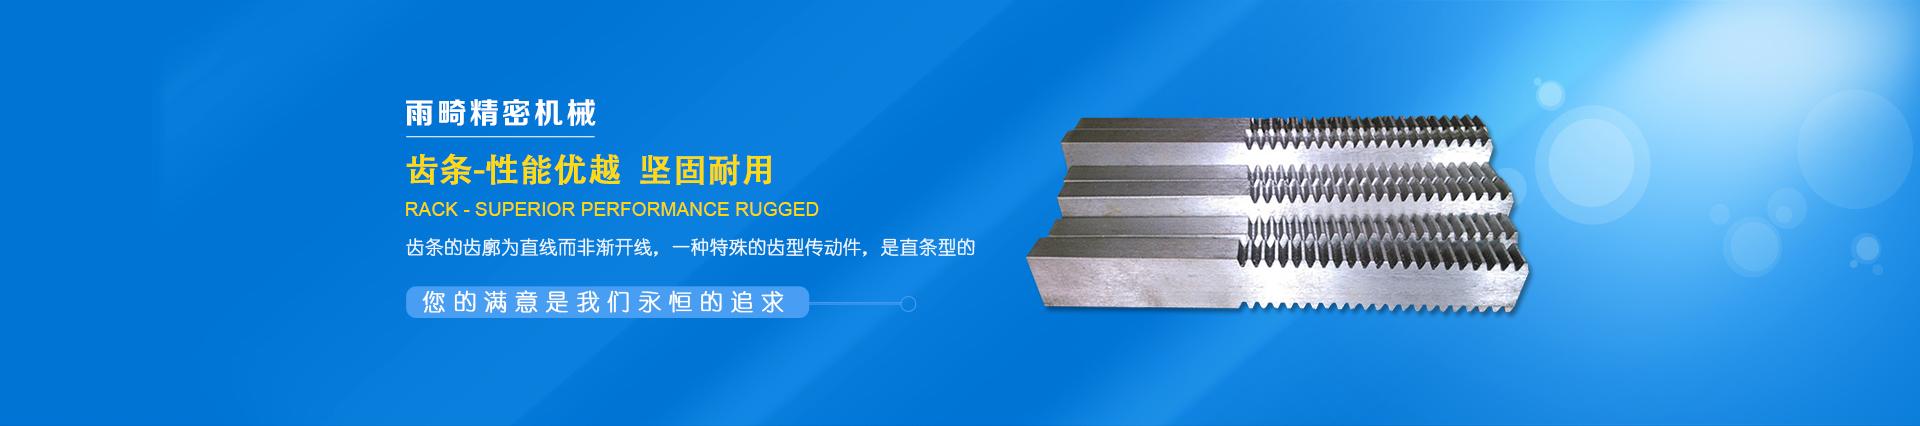 上海雨畸精密机械有限公司